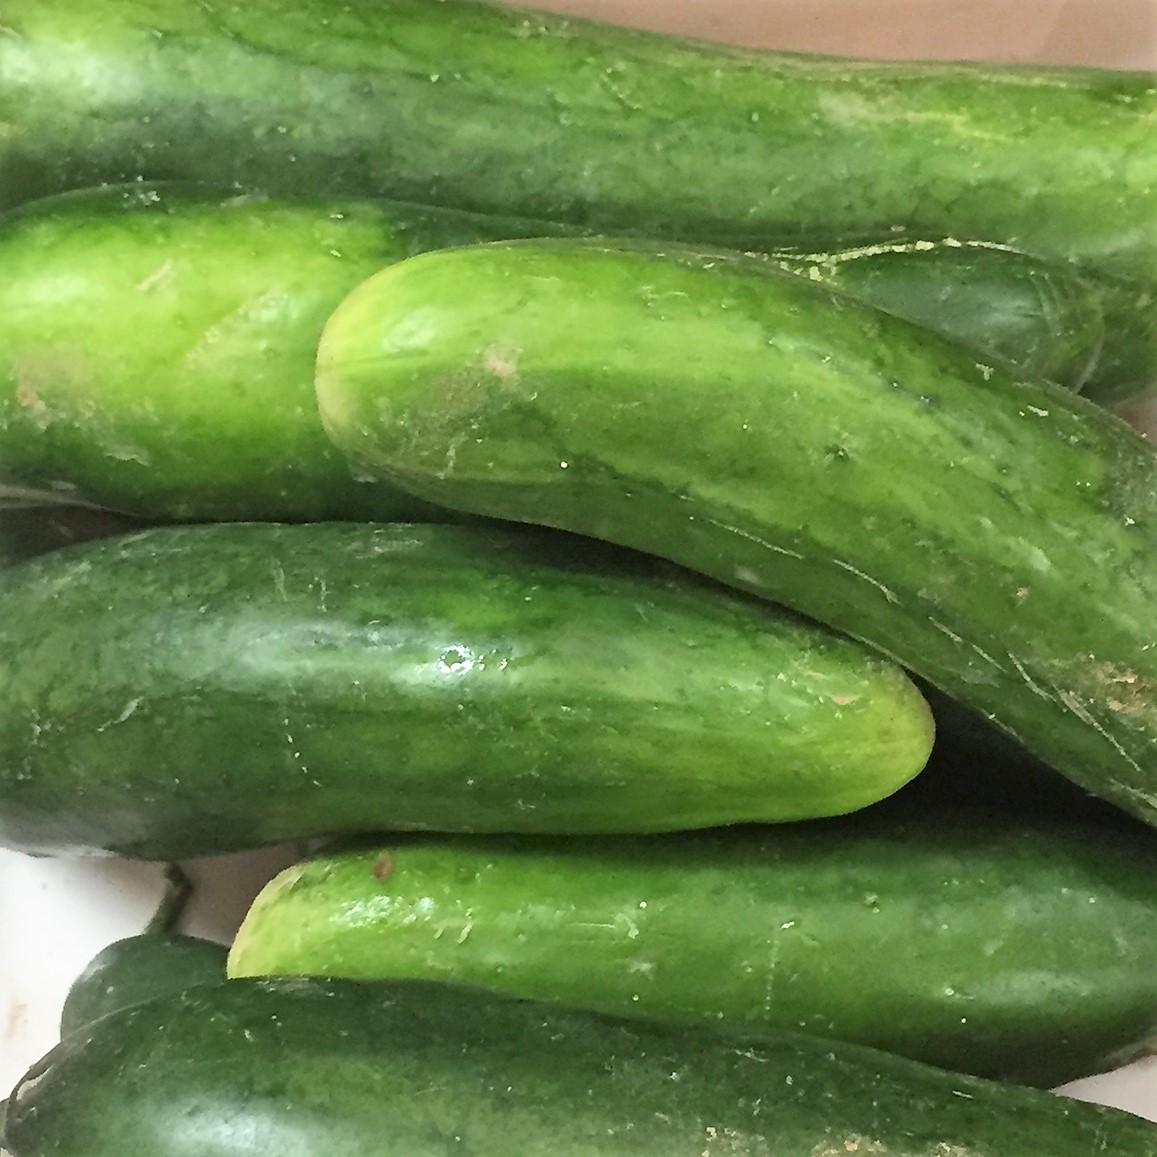 http://blueskyorganicfarms.com/wp-content/uploads/2018/09/AO_Cucumbers.jpg